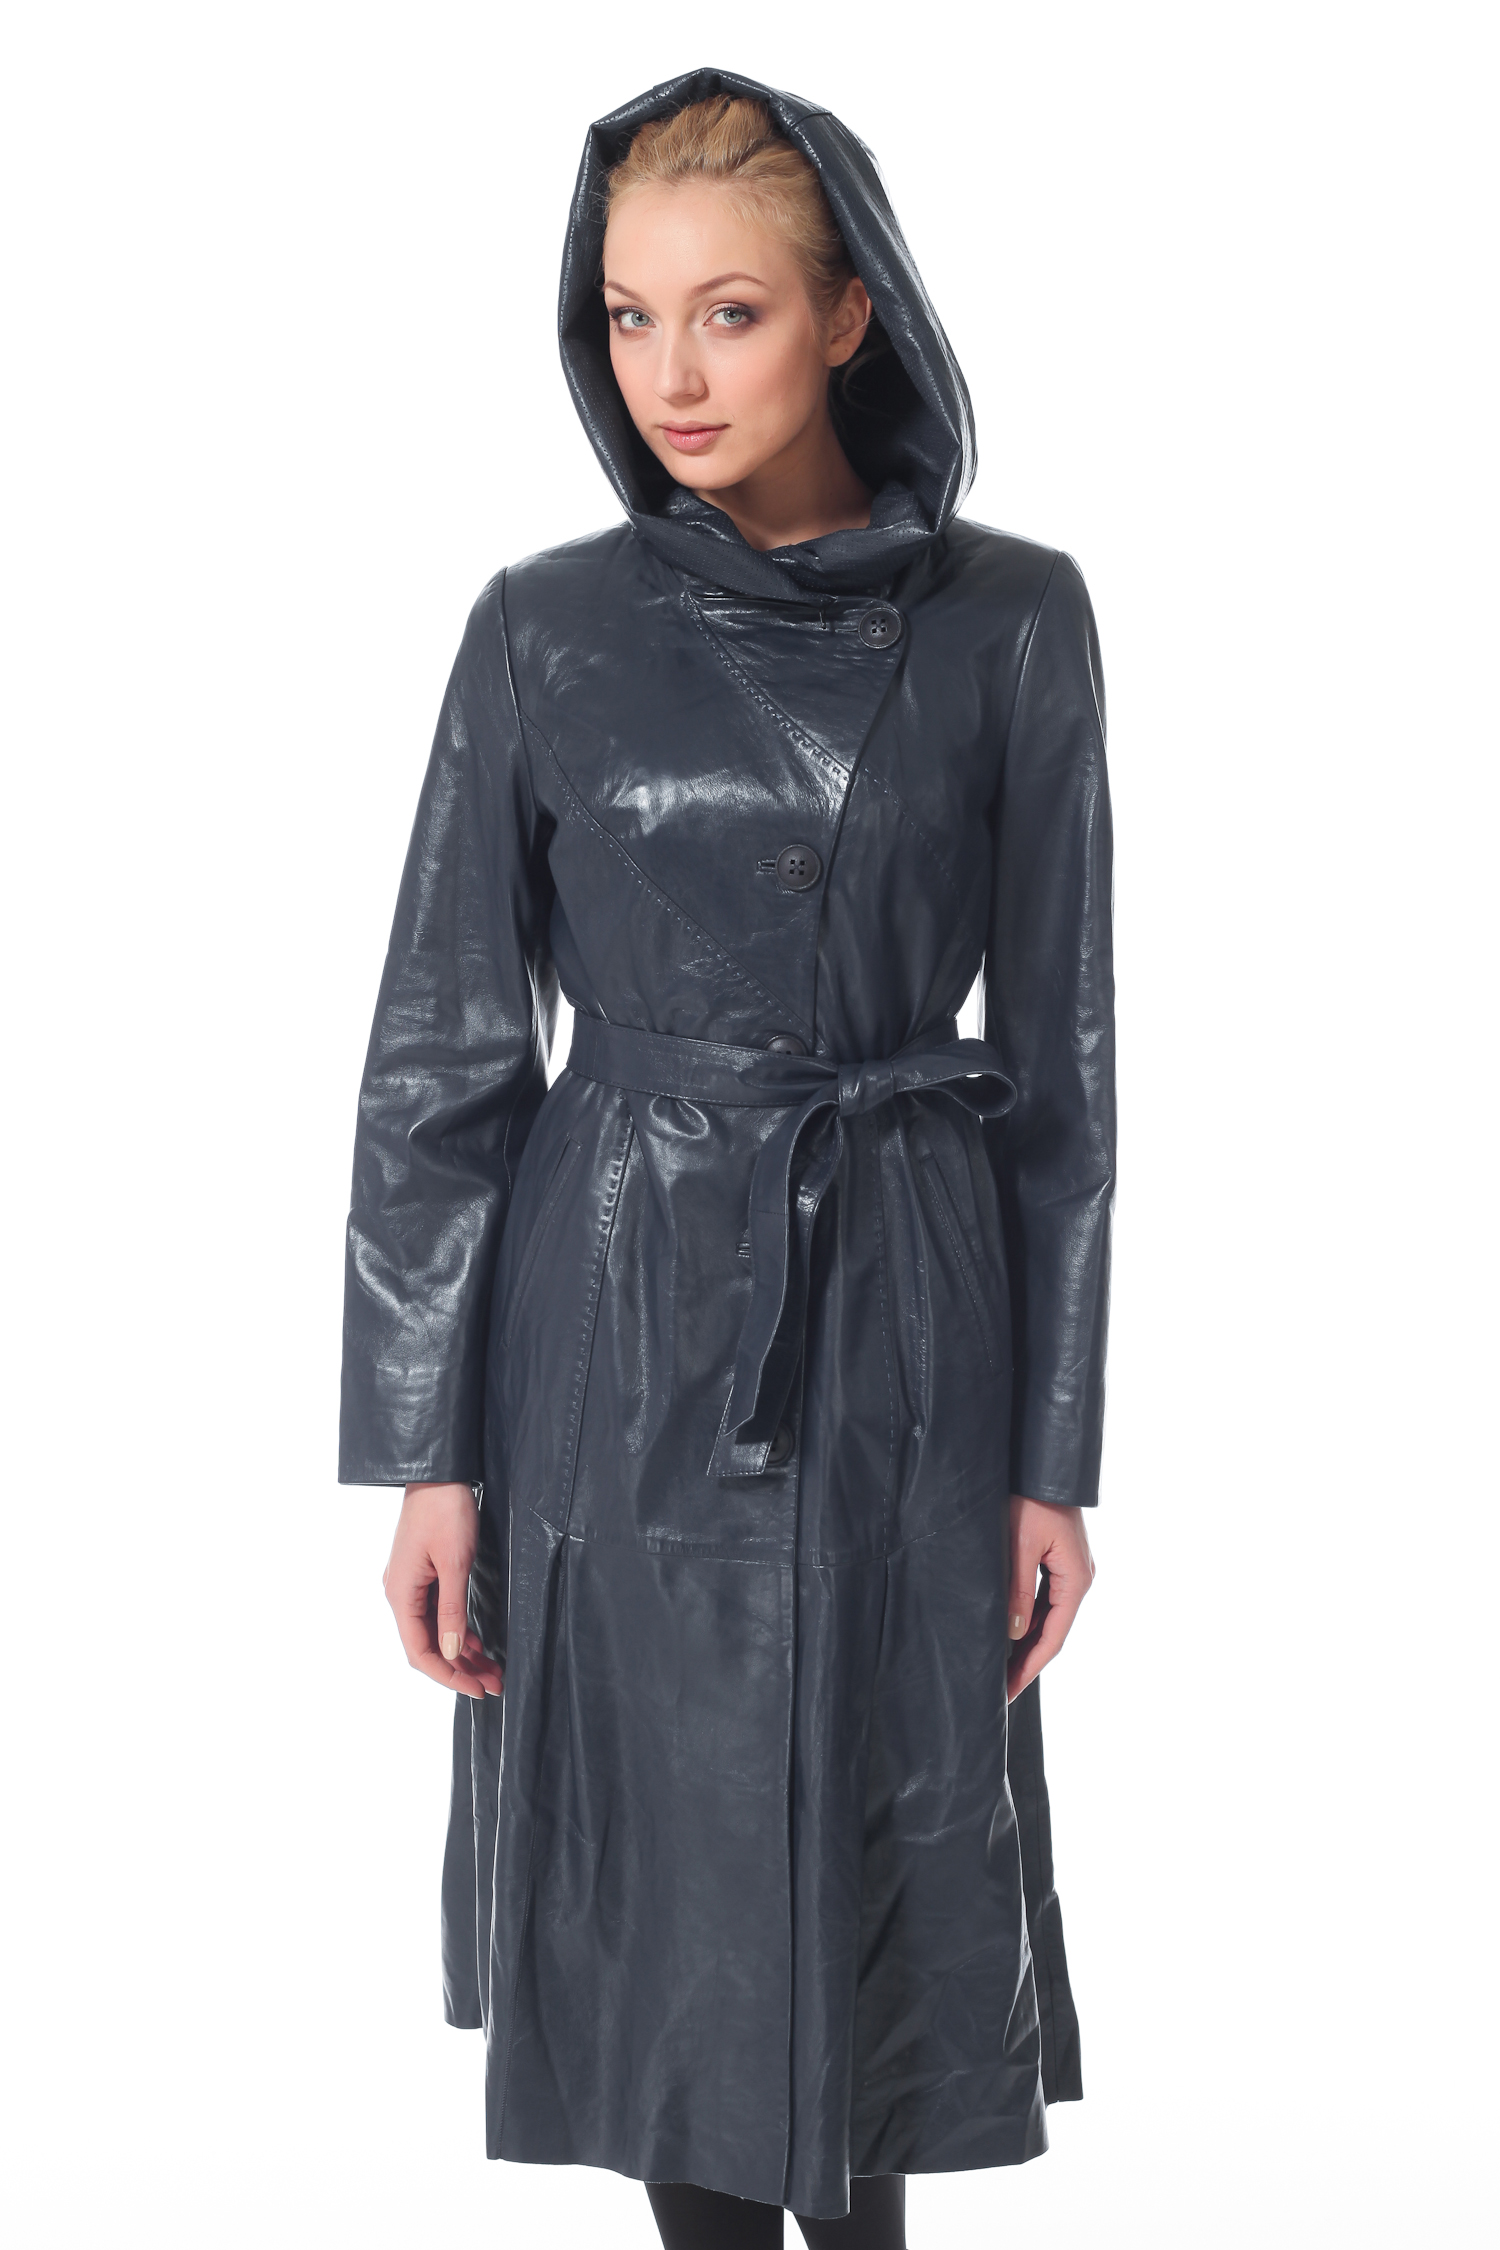 Женское кожаное пальто из натуральной кожи с капюшоном, без отделки<br><br>Воротник: Капюшон<br>Длина см: 105<br>Материал: Натуральная кожа<br>Цвет: Синий<br>Пол: Женский